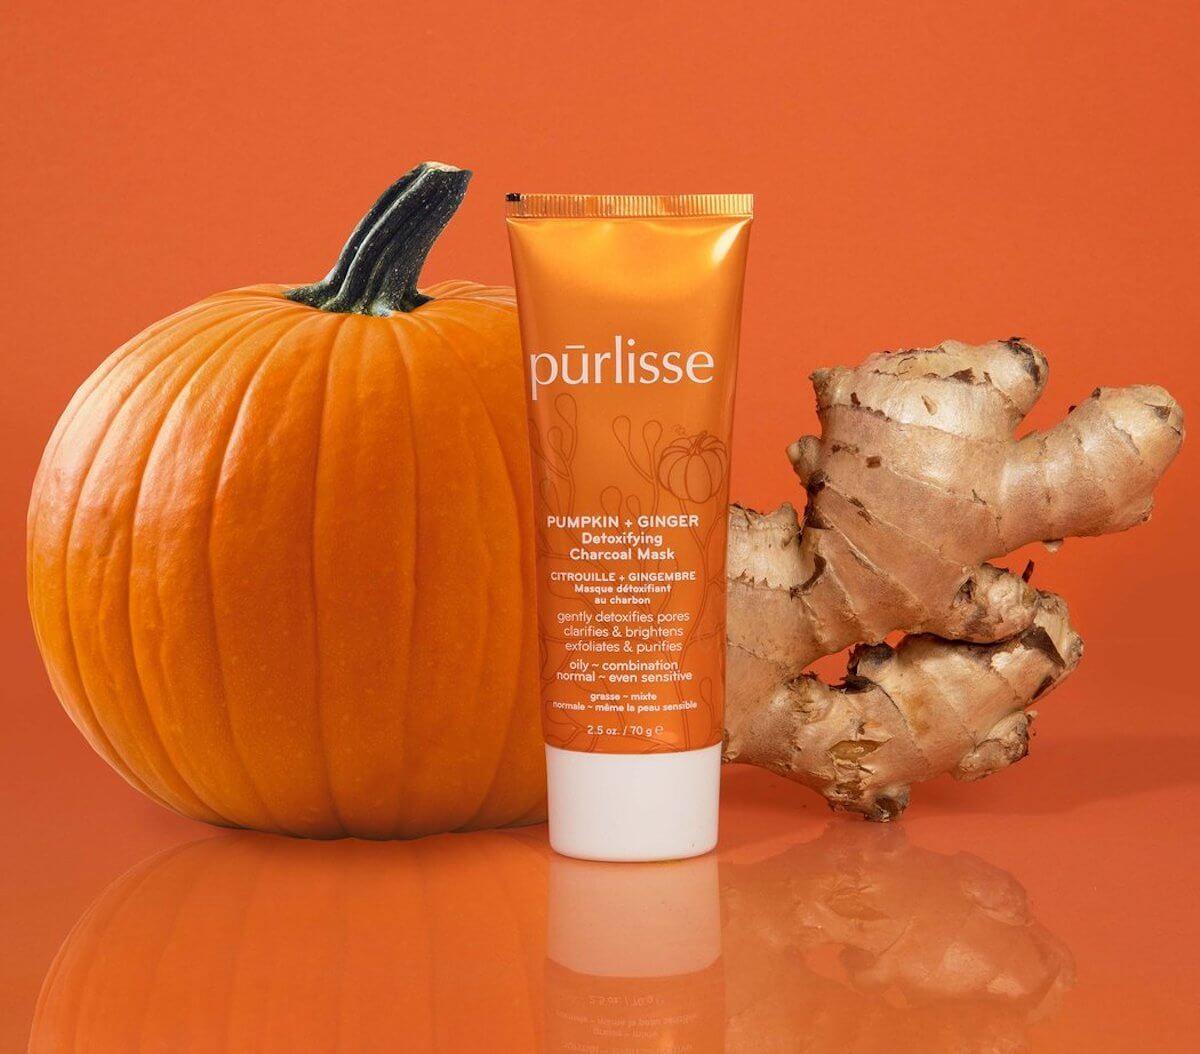 purlisse pumpkin ginger mask